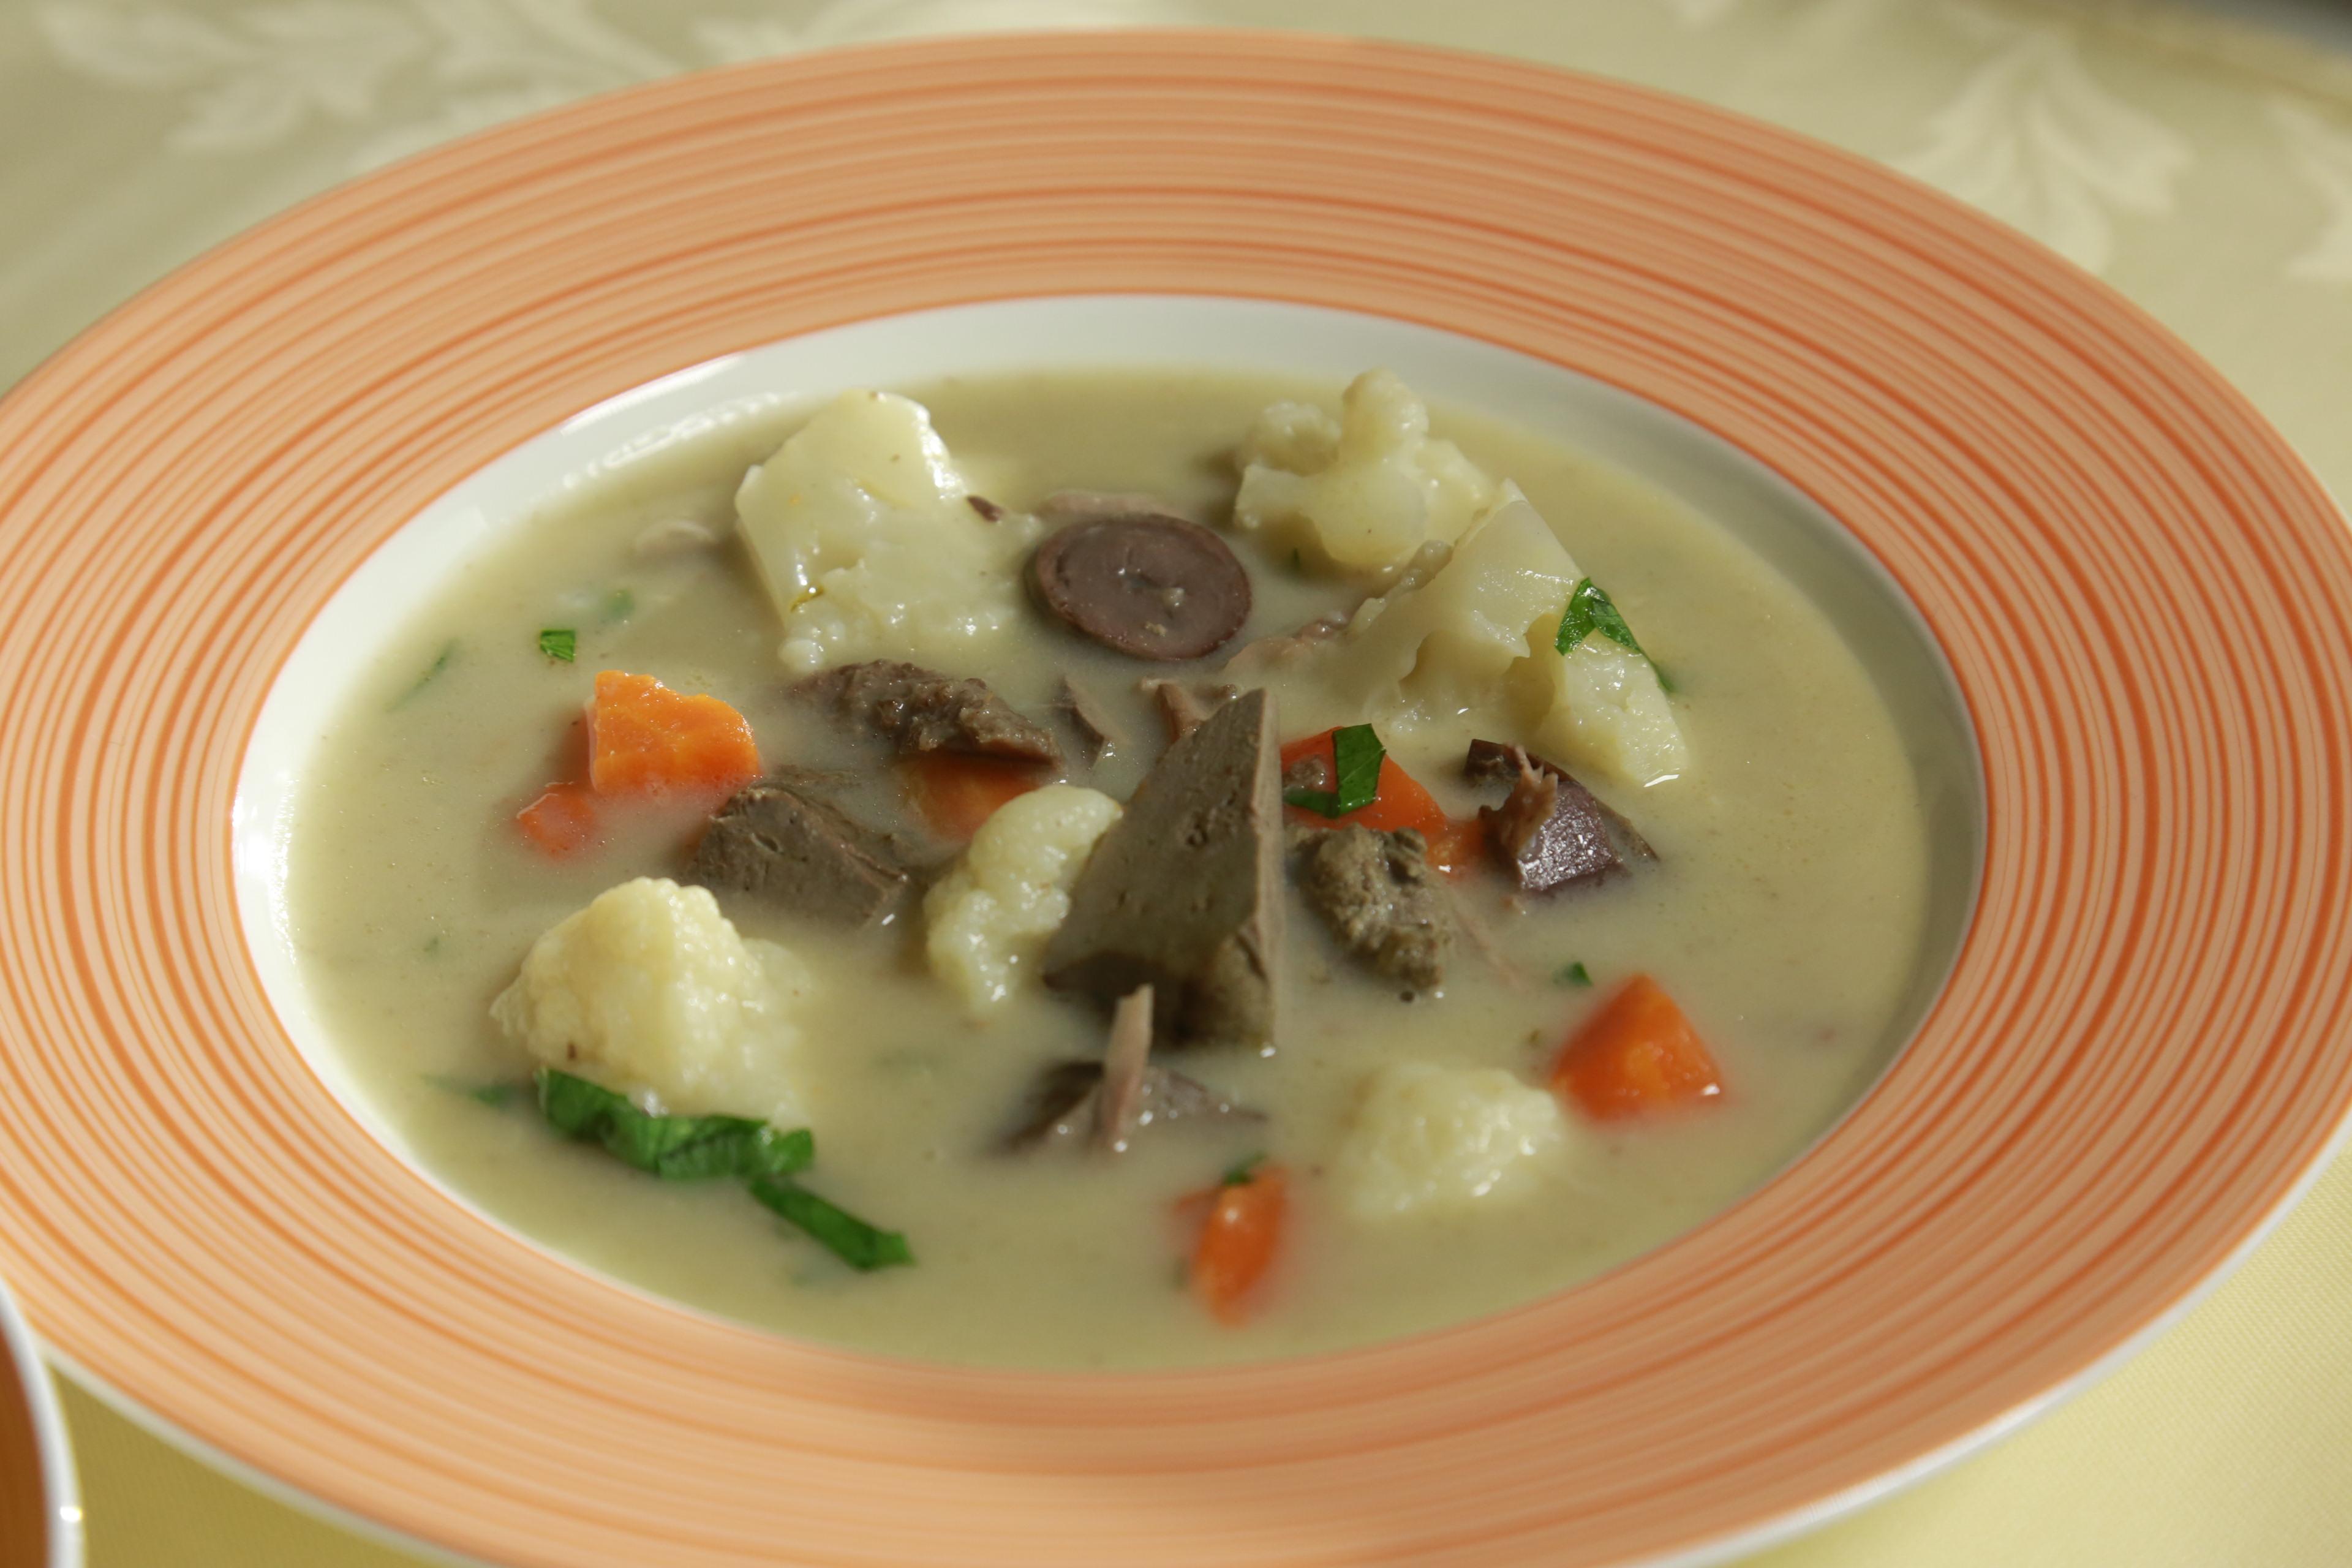 Chutná drůbková polévka